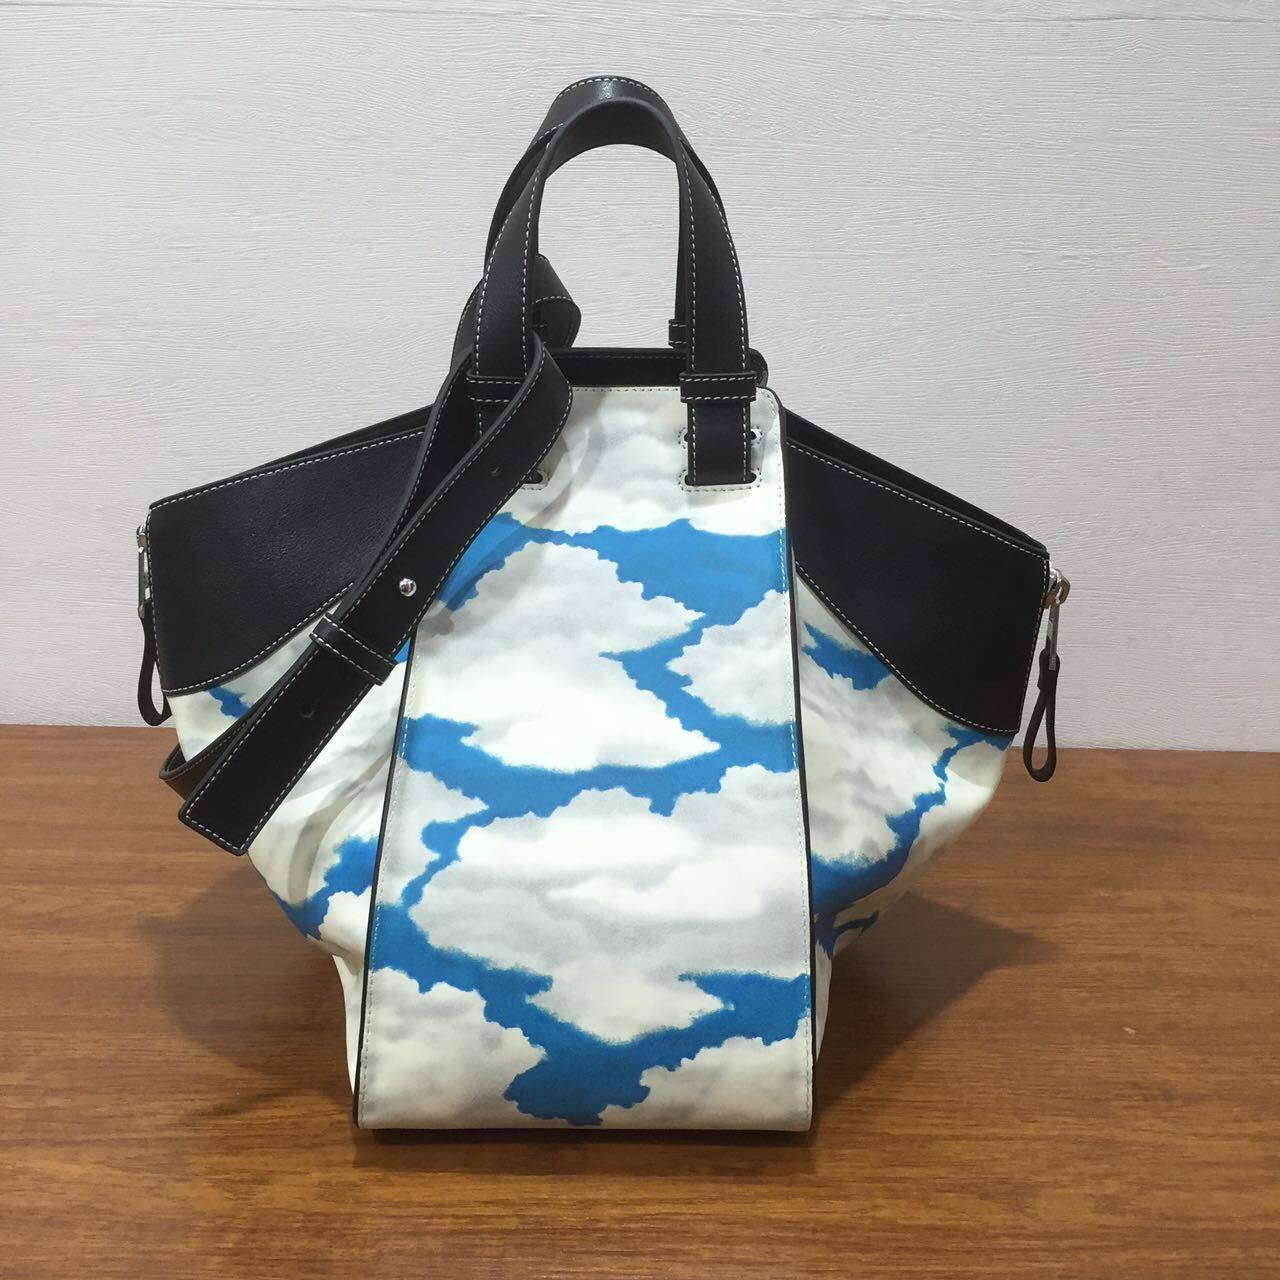 杨幂同款Loewe羅意威Hammock Bag 2017新款藍天白雲圖限量版